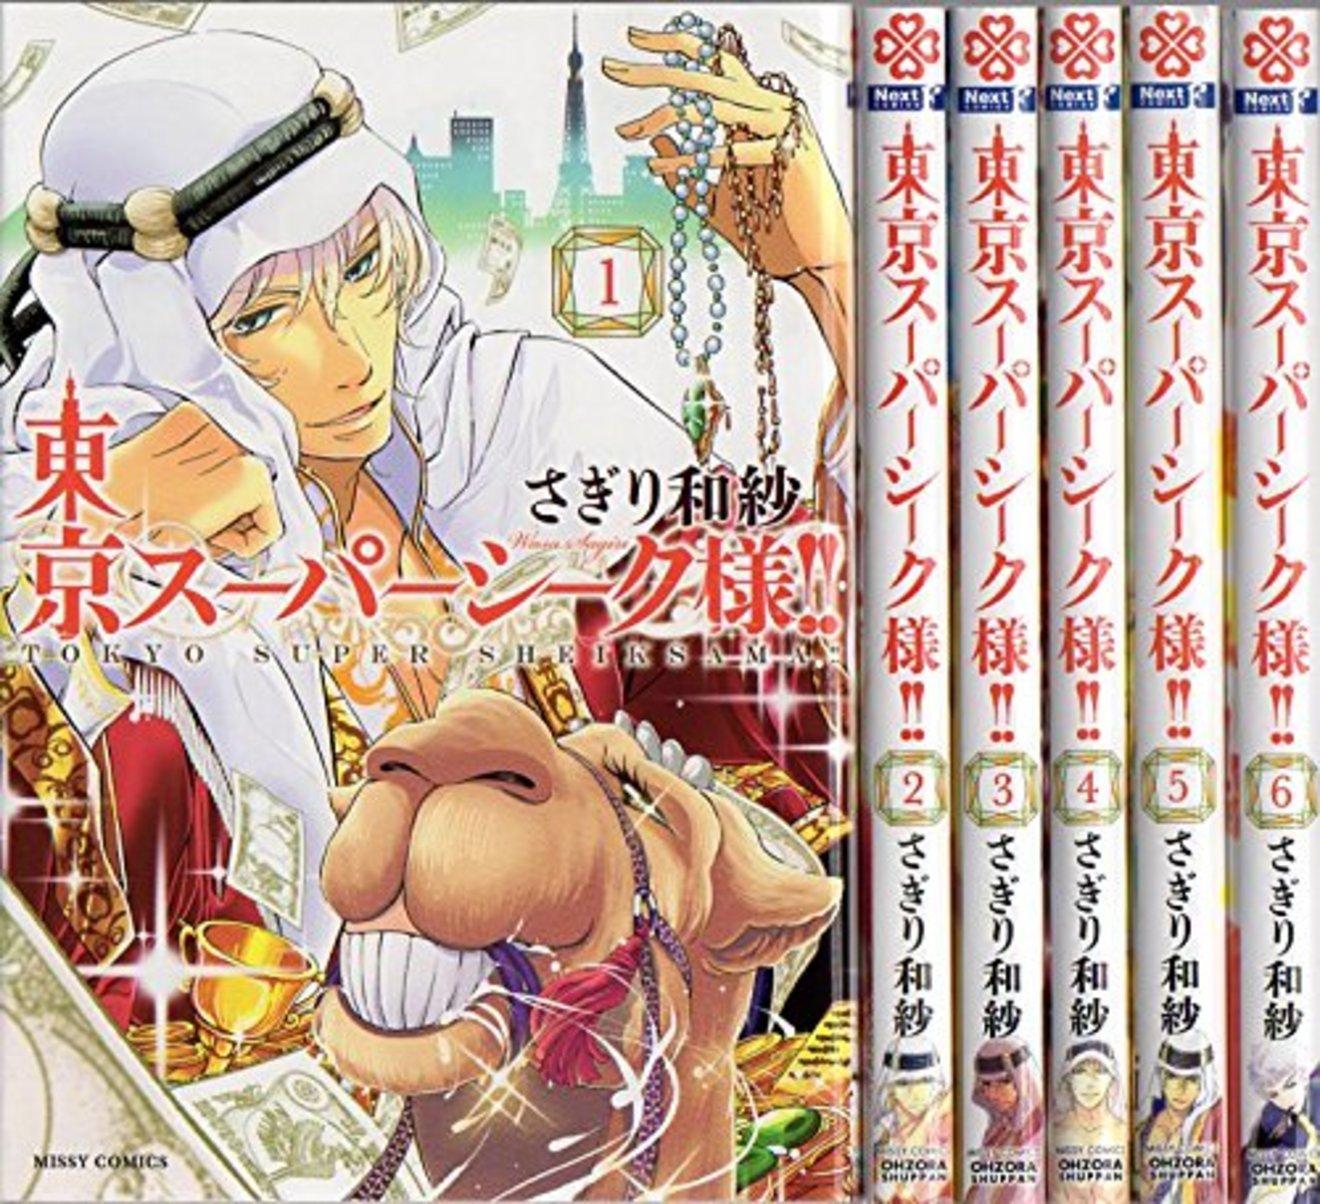 『東京スーパーシーク様』遂に完結!11巻までの魅力をネタバレ紹介!